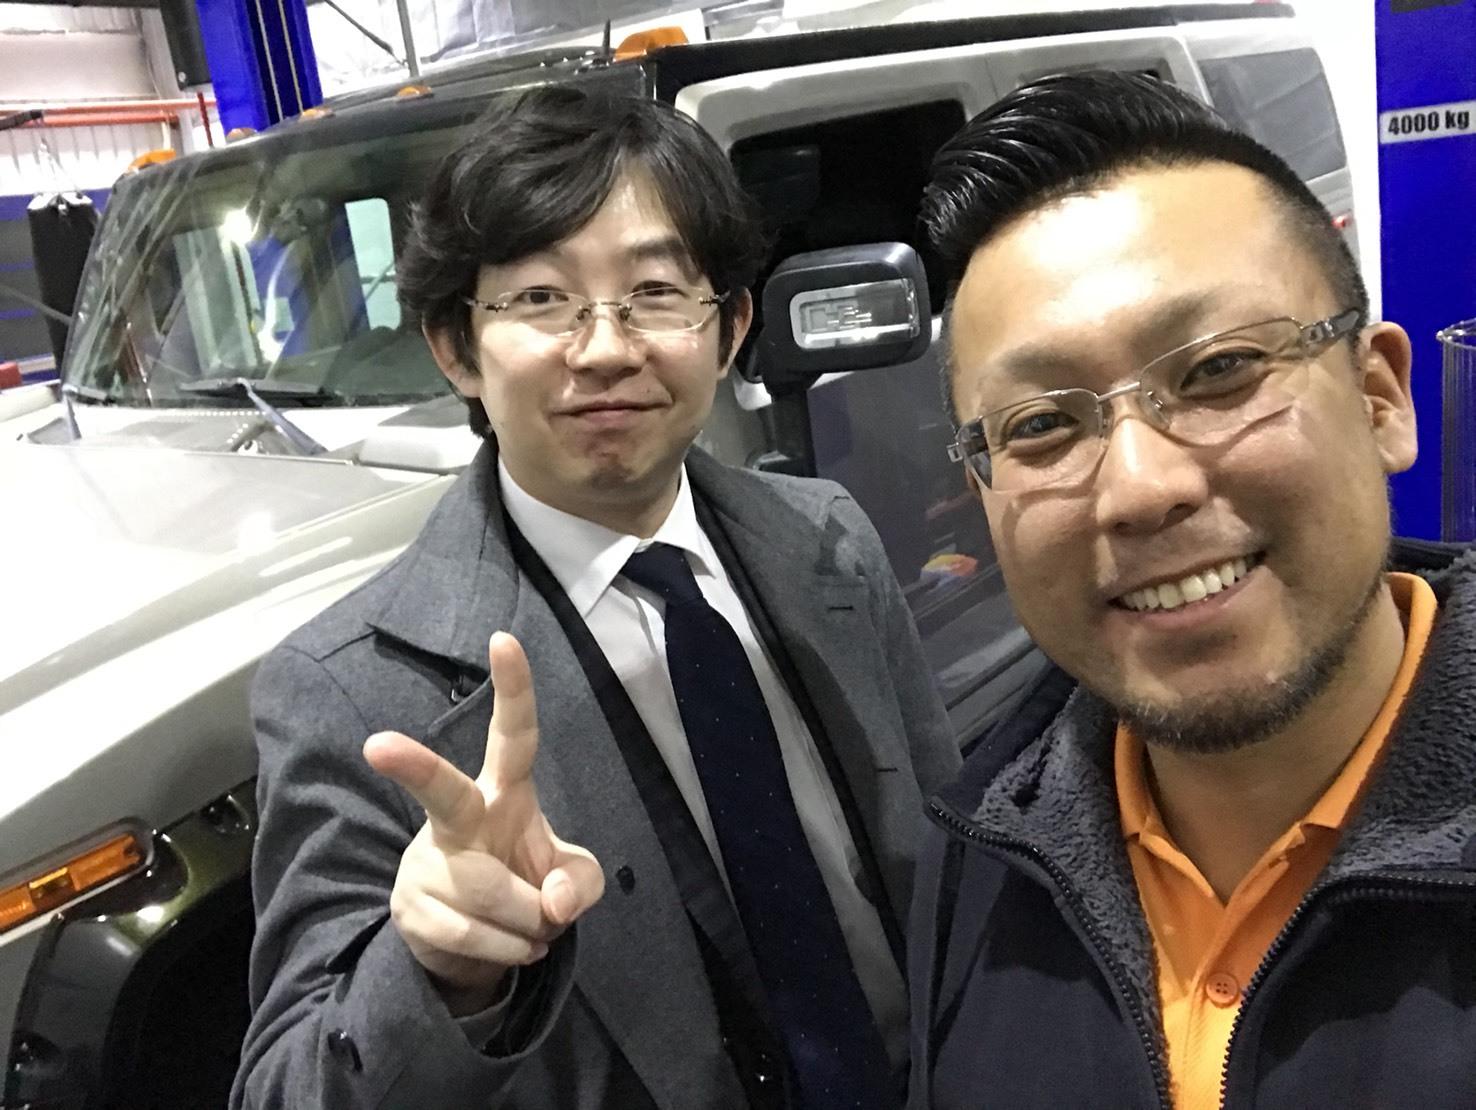 2月26日(月)トミーベース カスタムブログ☆新型QX802台入庫確定☆LS460後期AWD LS600hLエグゼクティブPKGもご紹介していきます☆_b0127002_11311050.jpg